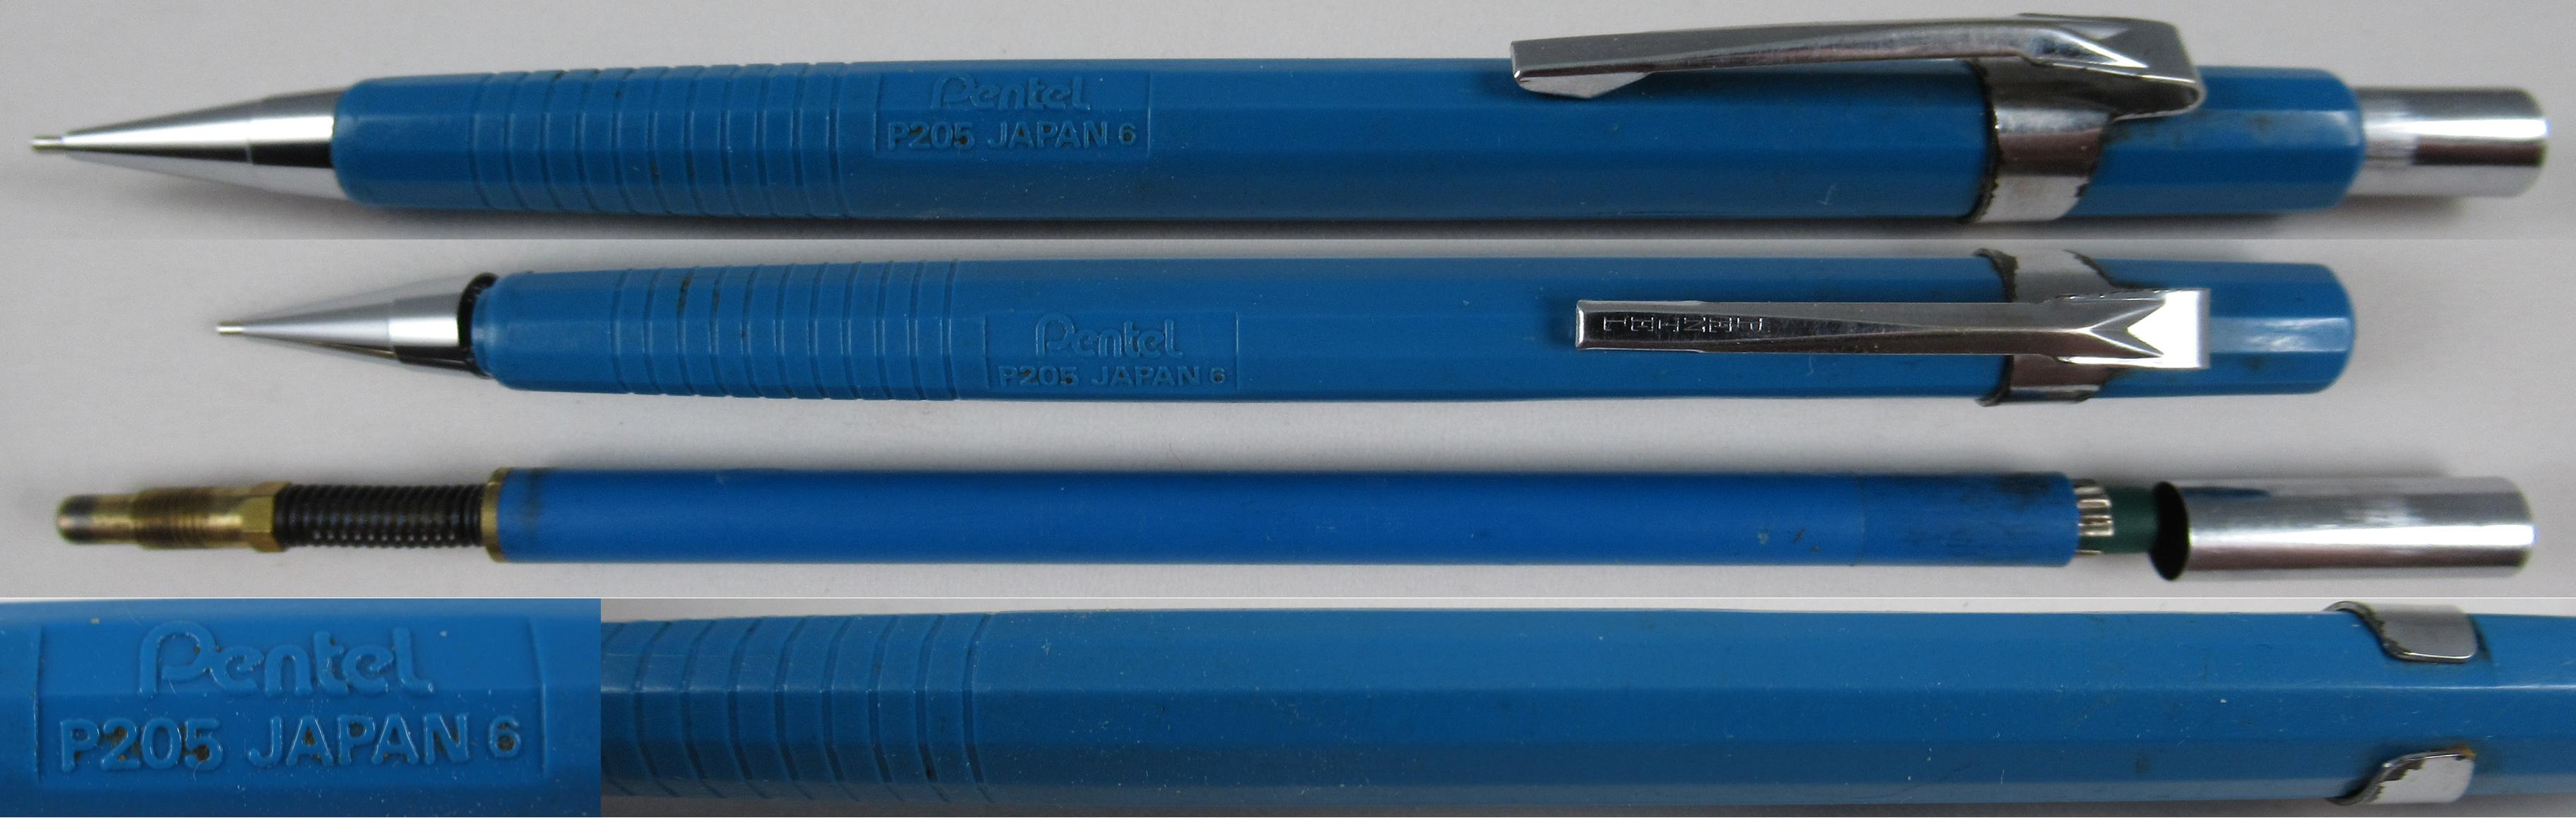 z0856 - P207C (Gen 1) - Short Tip - 1158